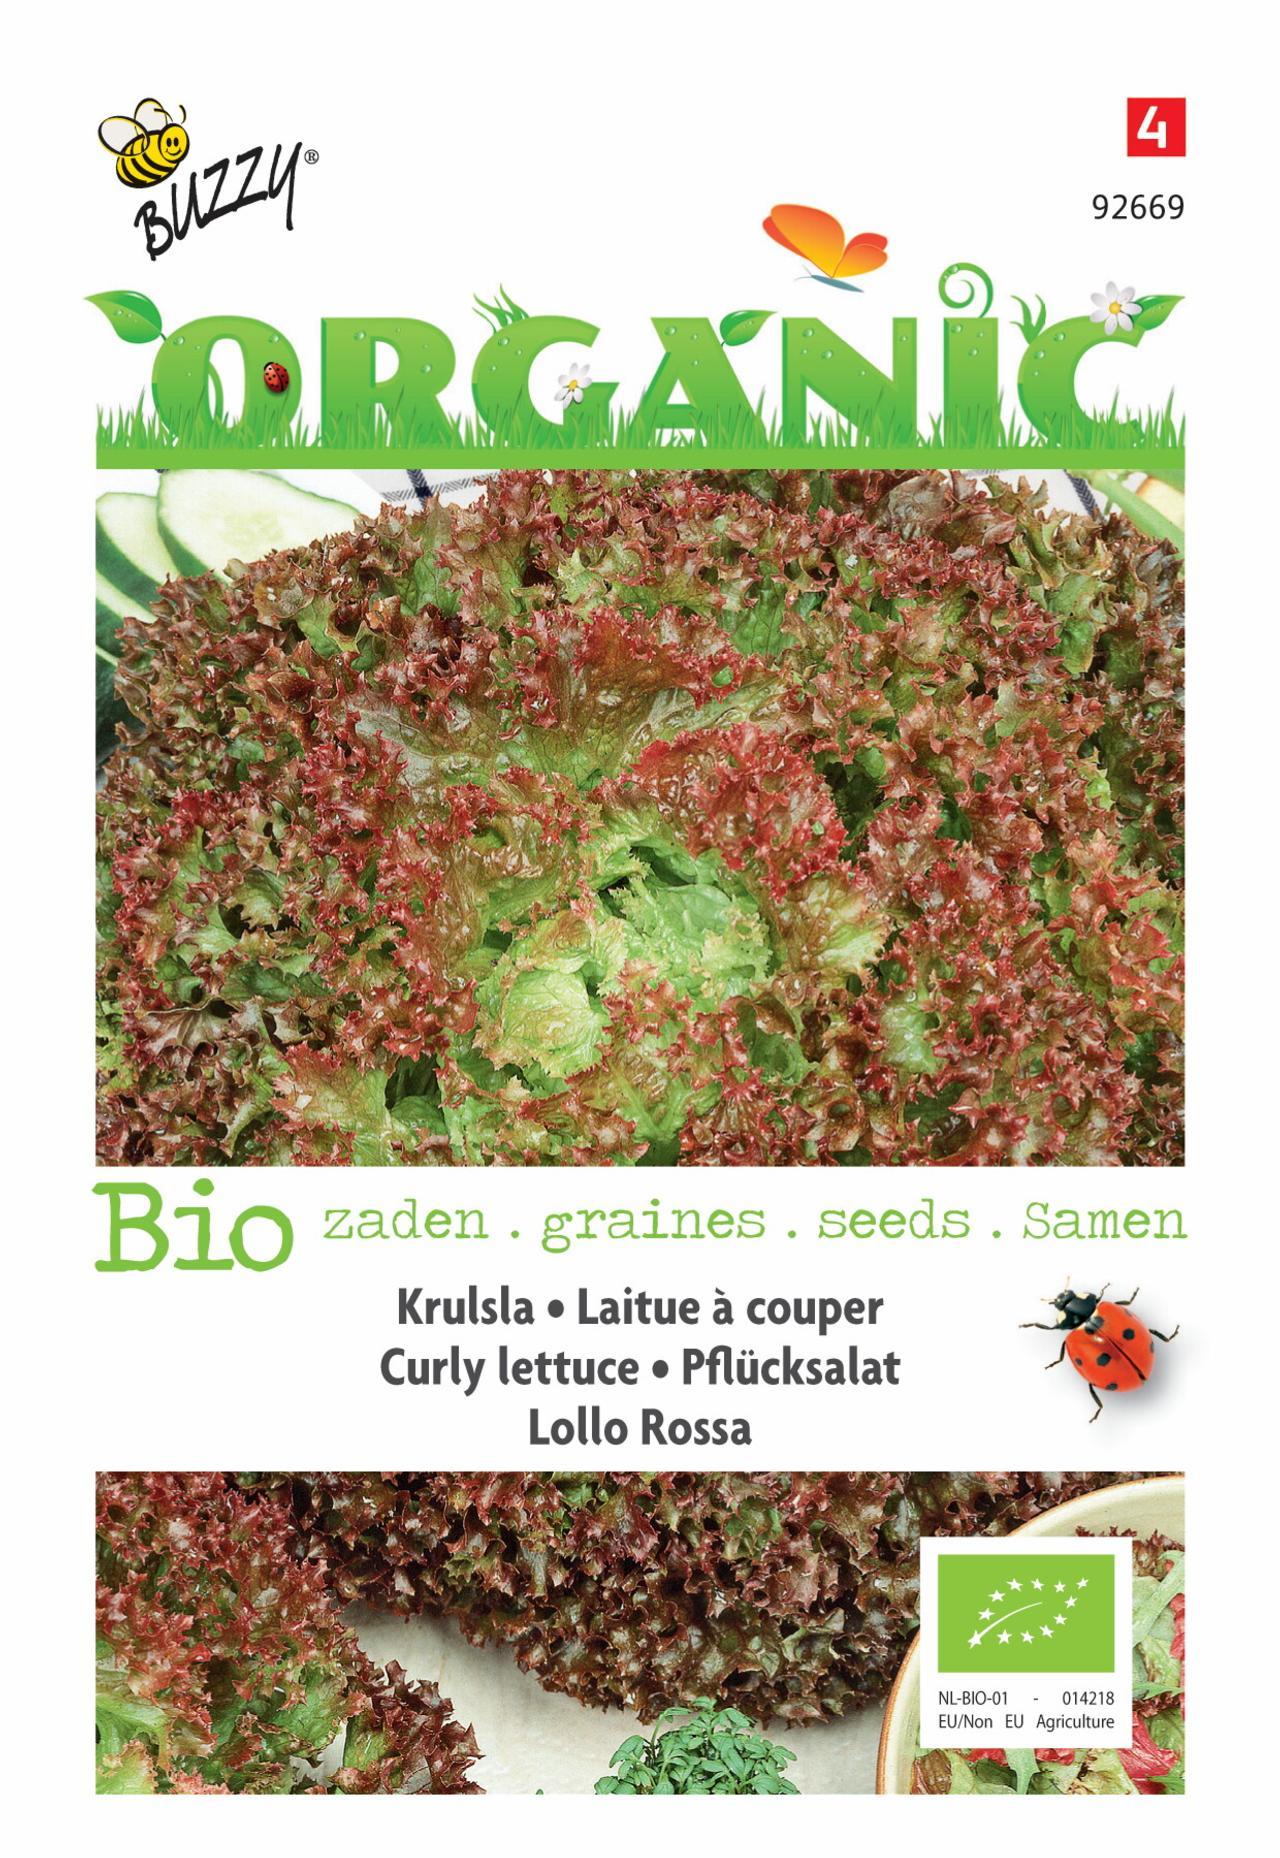 Lactuca sativa 'Lollo rossa' (BIO) plant